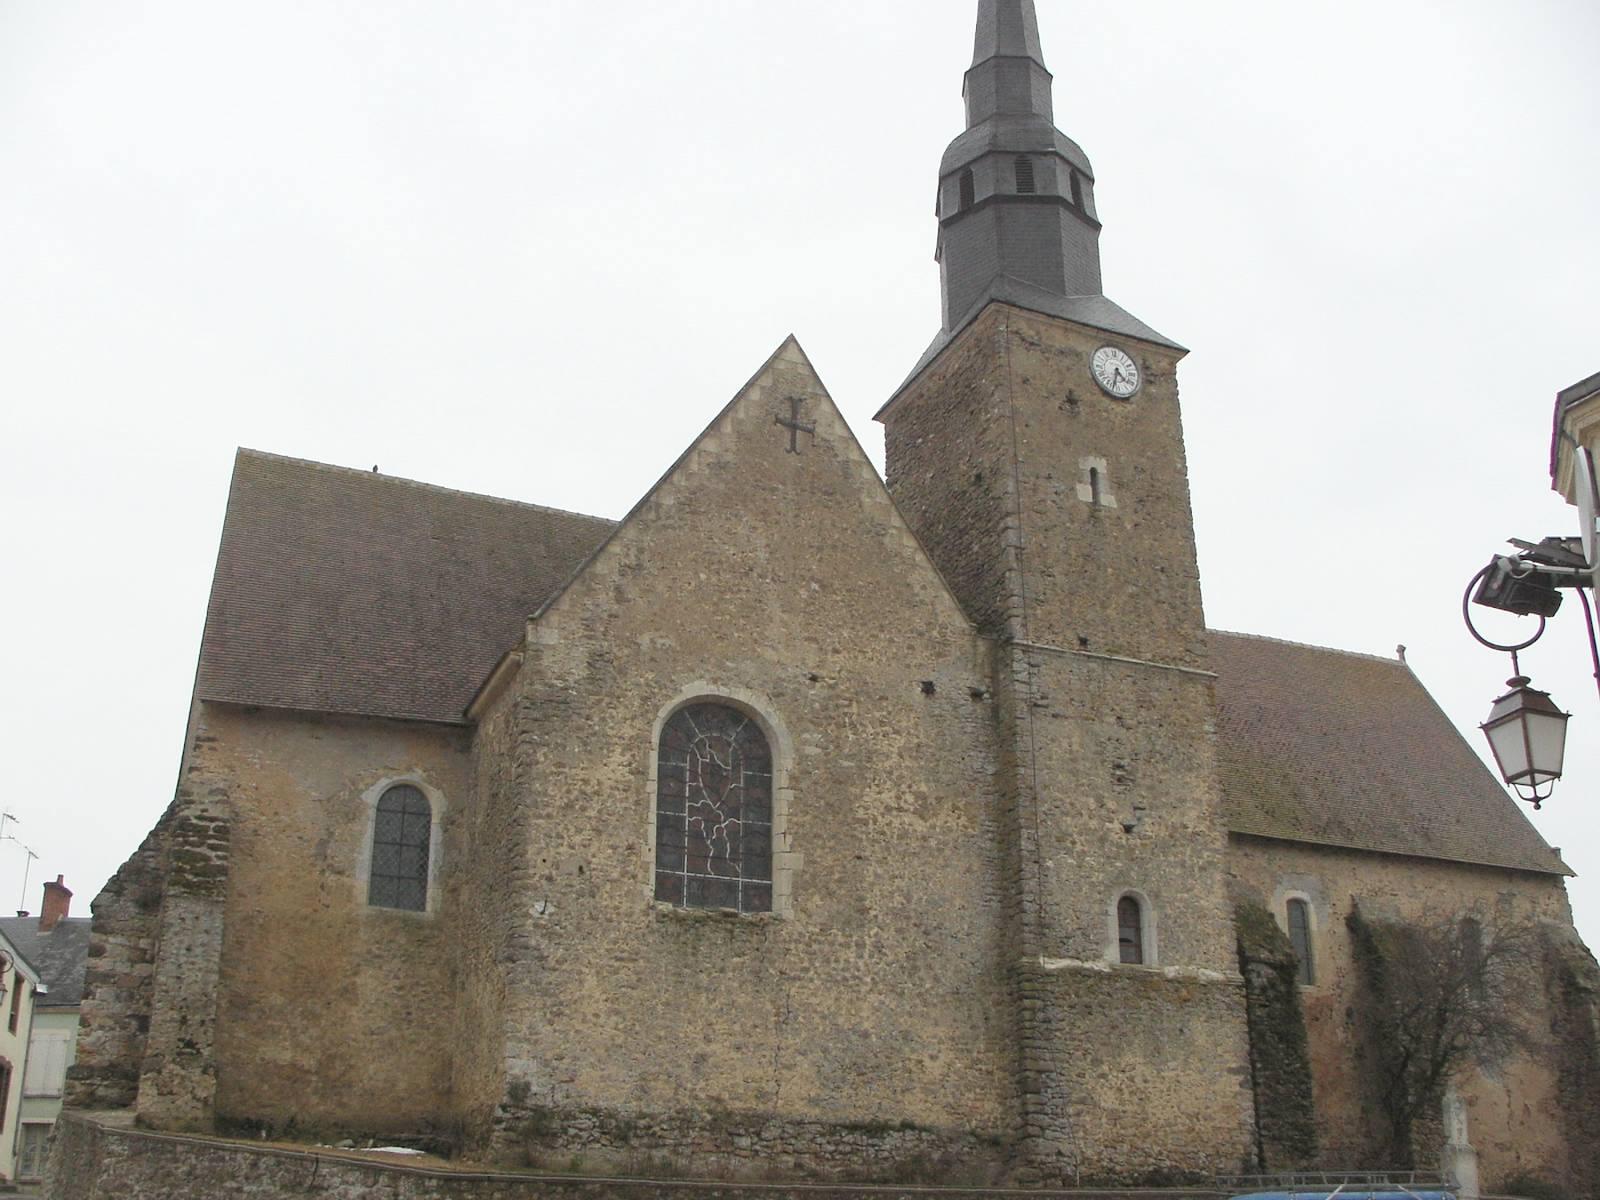 Saint Michel de Chavaignes en 2005 - Eglise Saint Michel 01 (Menu Christophe dit Tahiti)